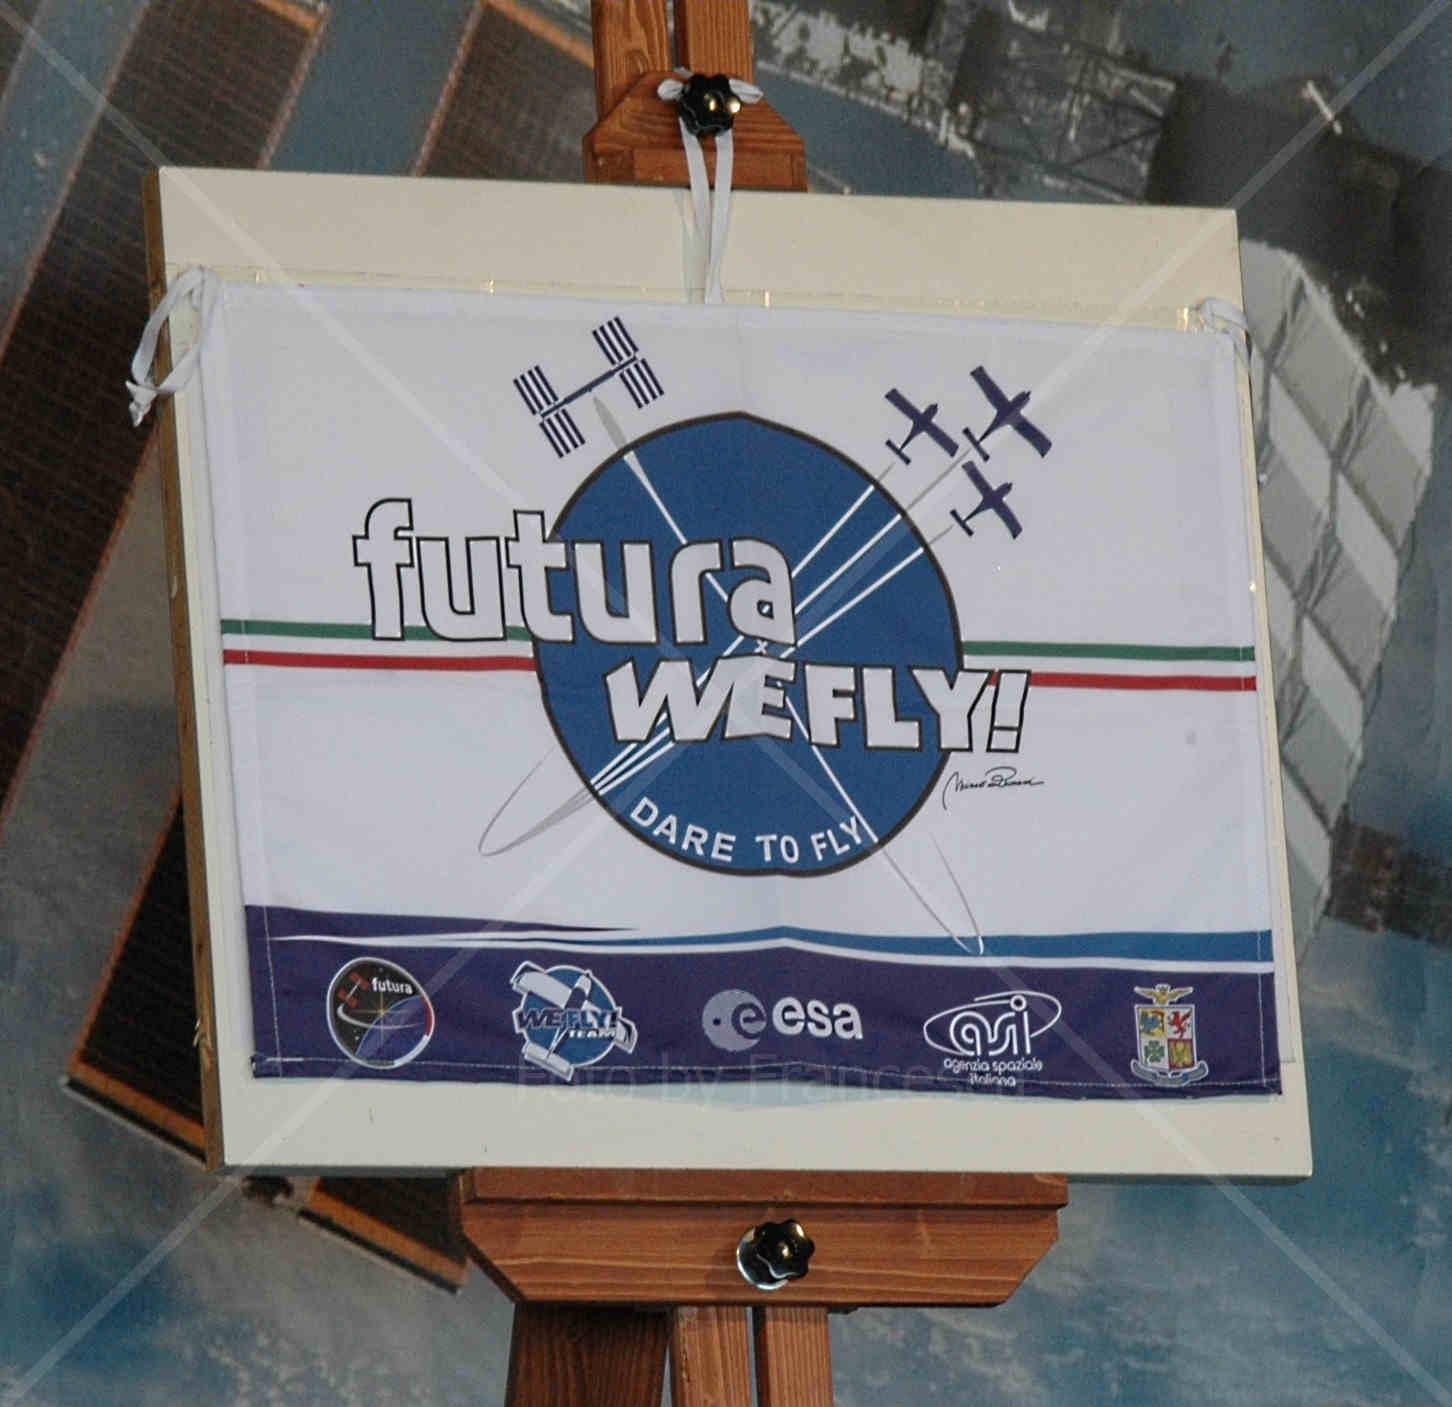 La bandiera FUTURA WEFLY! DARE TO FLY che volerà sulla ISS